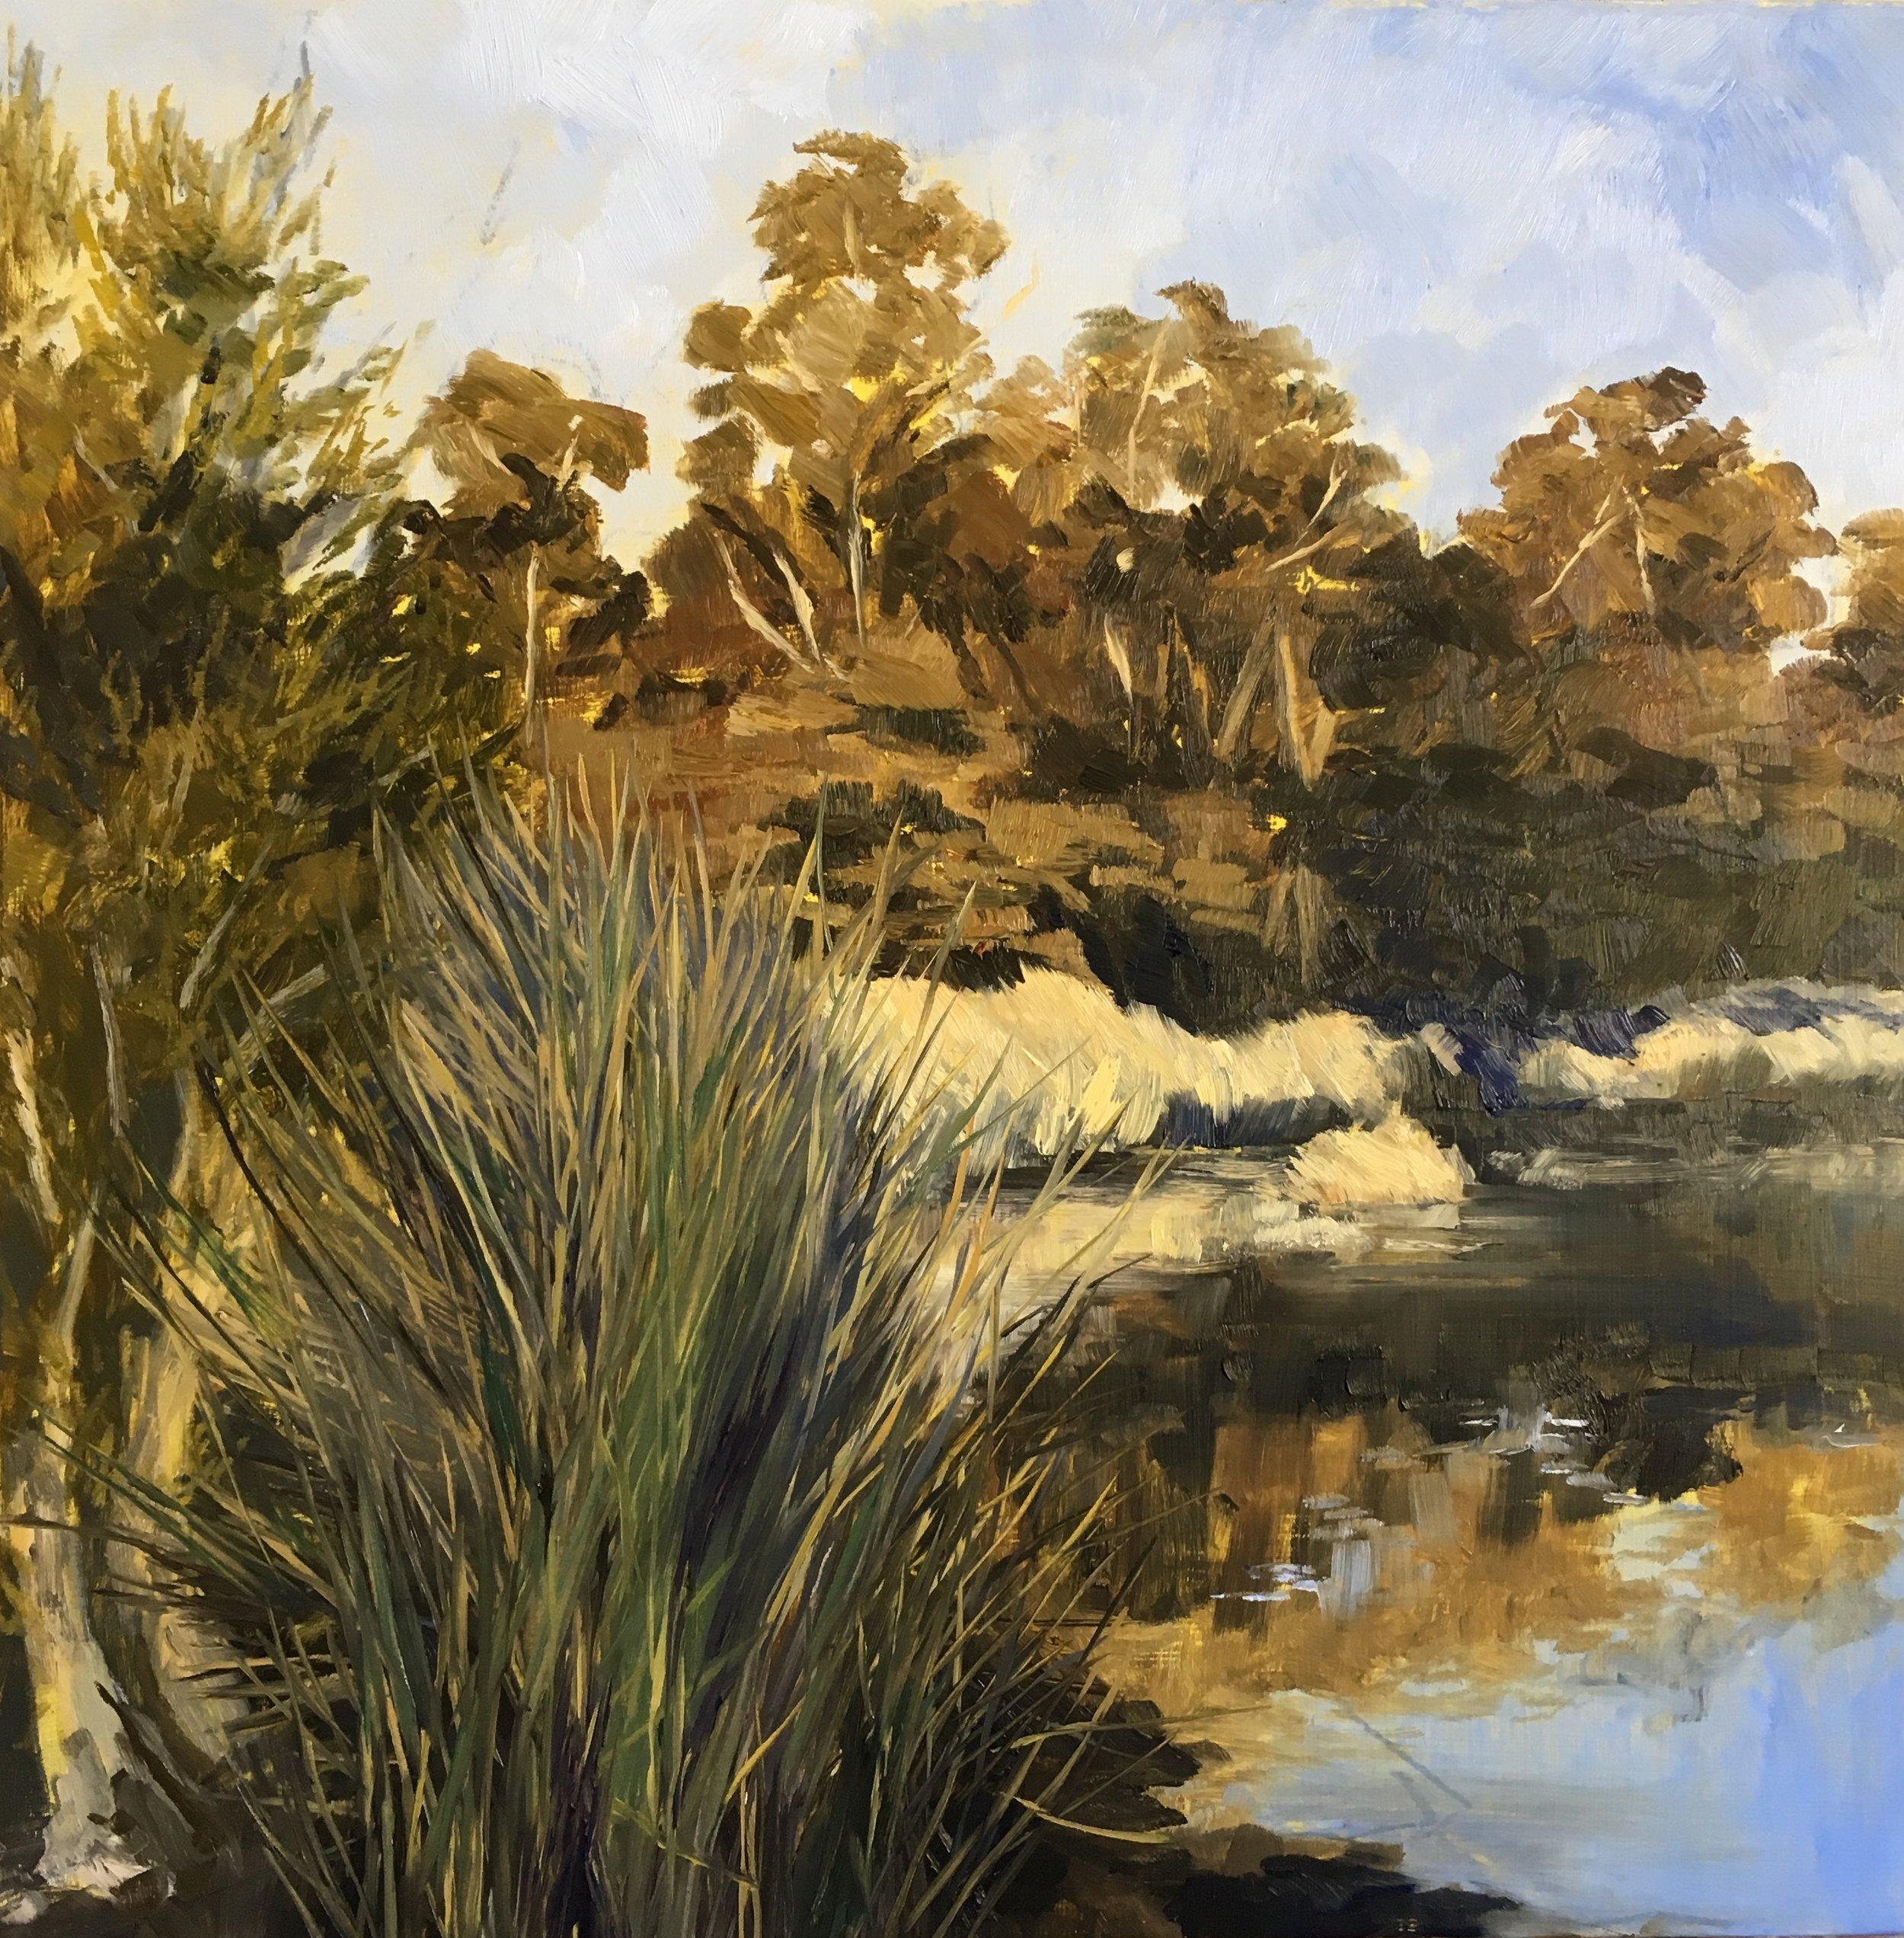 Morning Stillness, Oil on board, 40 x 40cm, $1100